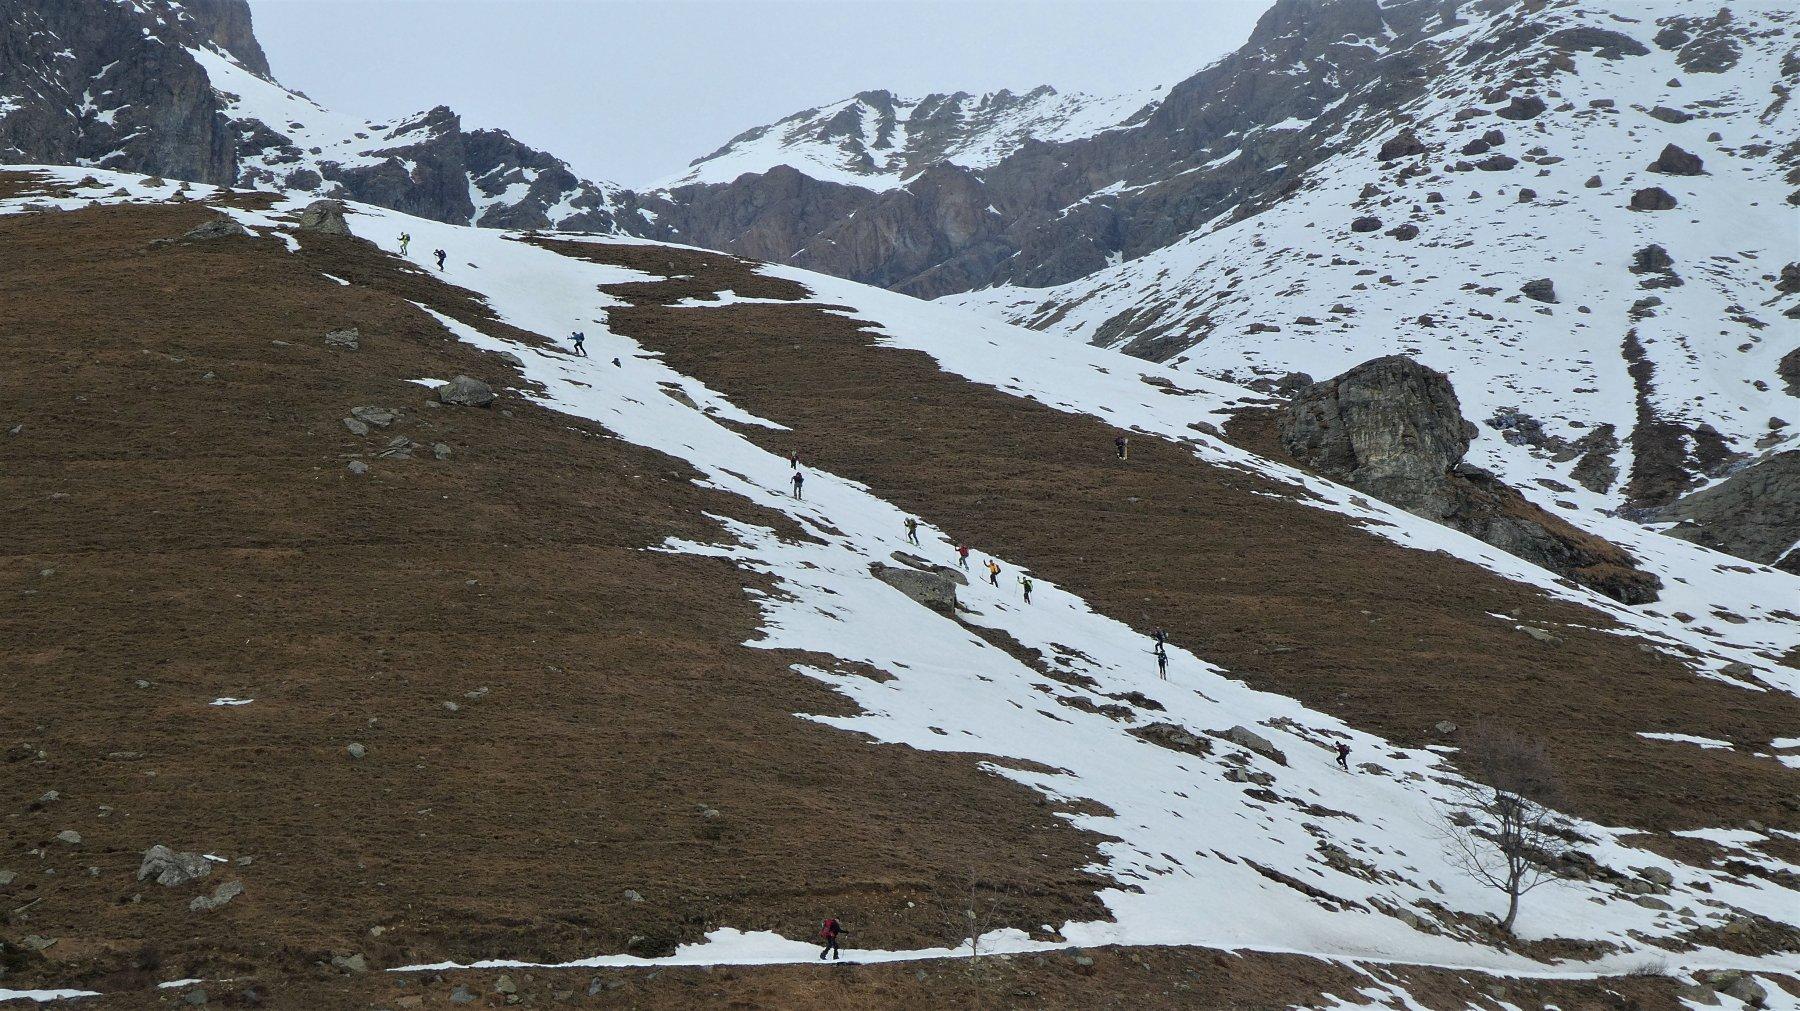 La rampa sotto all' Alpe Ovarda